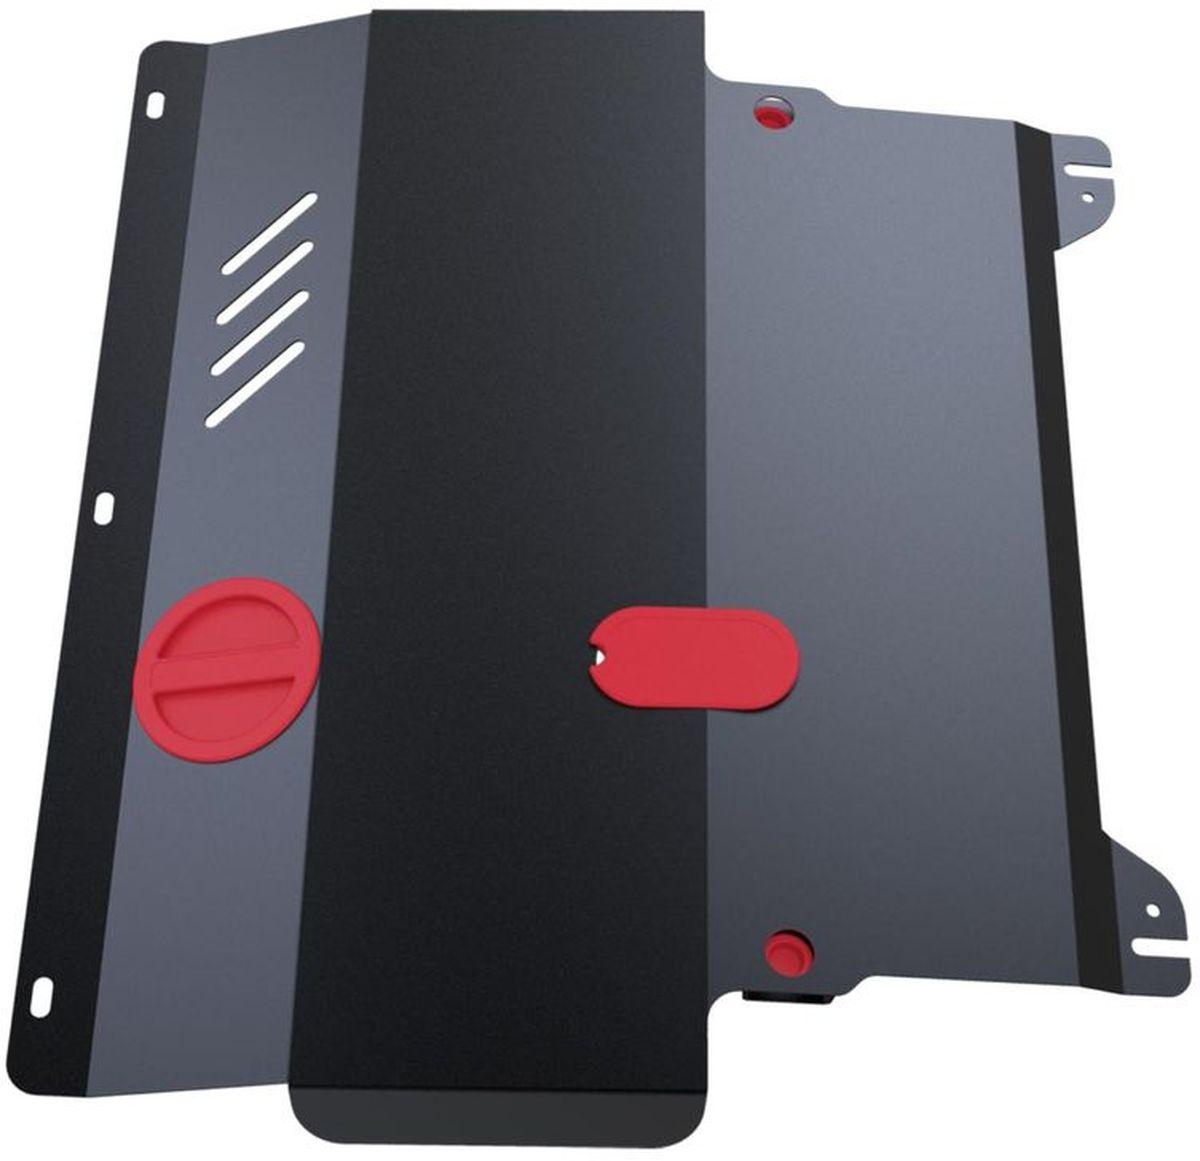 Защита картера Автоброня, для Toyota Hilux V - 2,5D-4D; 3,0TD (2007)1.05745.1Технологически совершенный продукт за невысокую стоимость. Защита разработана с учетом особенностей днища автомобиля, что позволяет сохранить дорожный просвет с минимальным изменением. Защита устанавливается в штатные места кузова автомобиля. Глубокий штамп обеспечивает до двух раз больше жесткости в сравнении с обычной защитой той же толщины. Проштампованные ребра жесткости препятствуют деформации защиты при ударах. Тепловой зазор и вентиляционные отверстия обеспечивают сохранение температурного режима двигателя в норме. Скрытый крепеж предотвращает срыв крепежных элементов при наезде на препятствие. Шумопоглощающие резиновые элементы обеспечивают комфортную езду без вибраций и скрежета металла, а съемные лючки для слива масла и замены фильтра - экономию средств и время. Конструкция изделия не влияет на пассивную безопасность автомобиля (при ударе защита не воздействует на деформационные зоны кузова). Со штатным крепежом. В комплекте инструкция по установке....